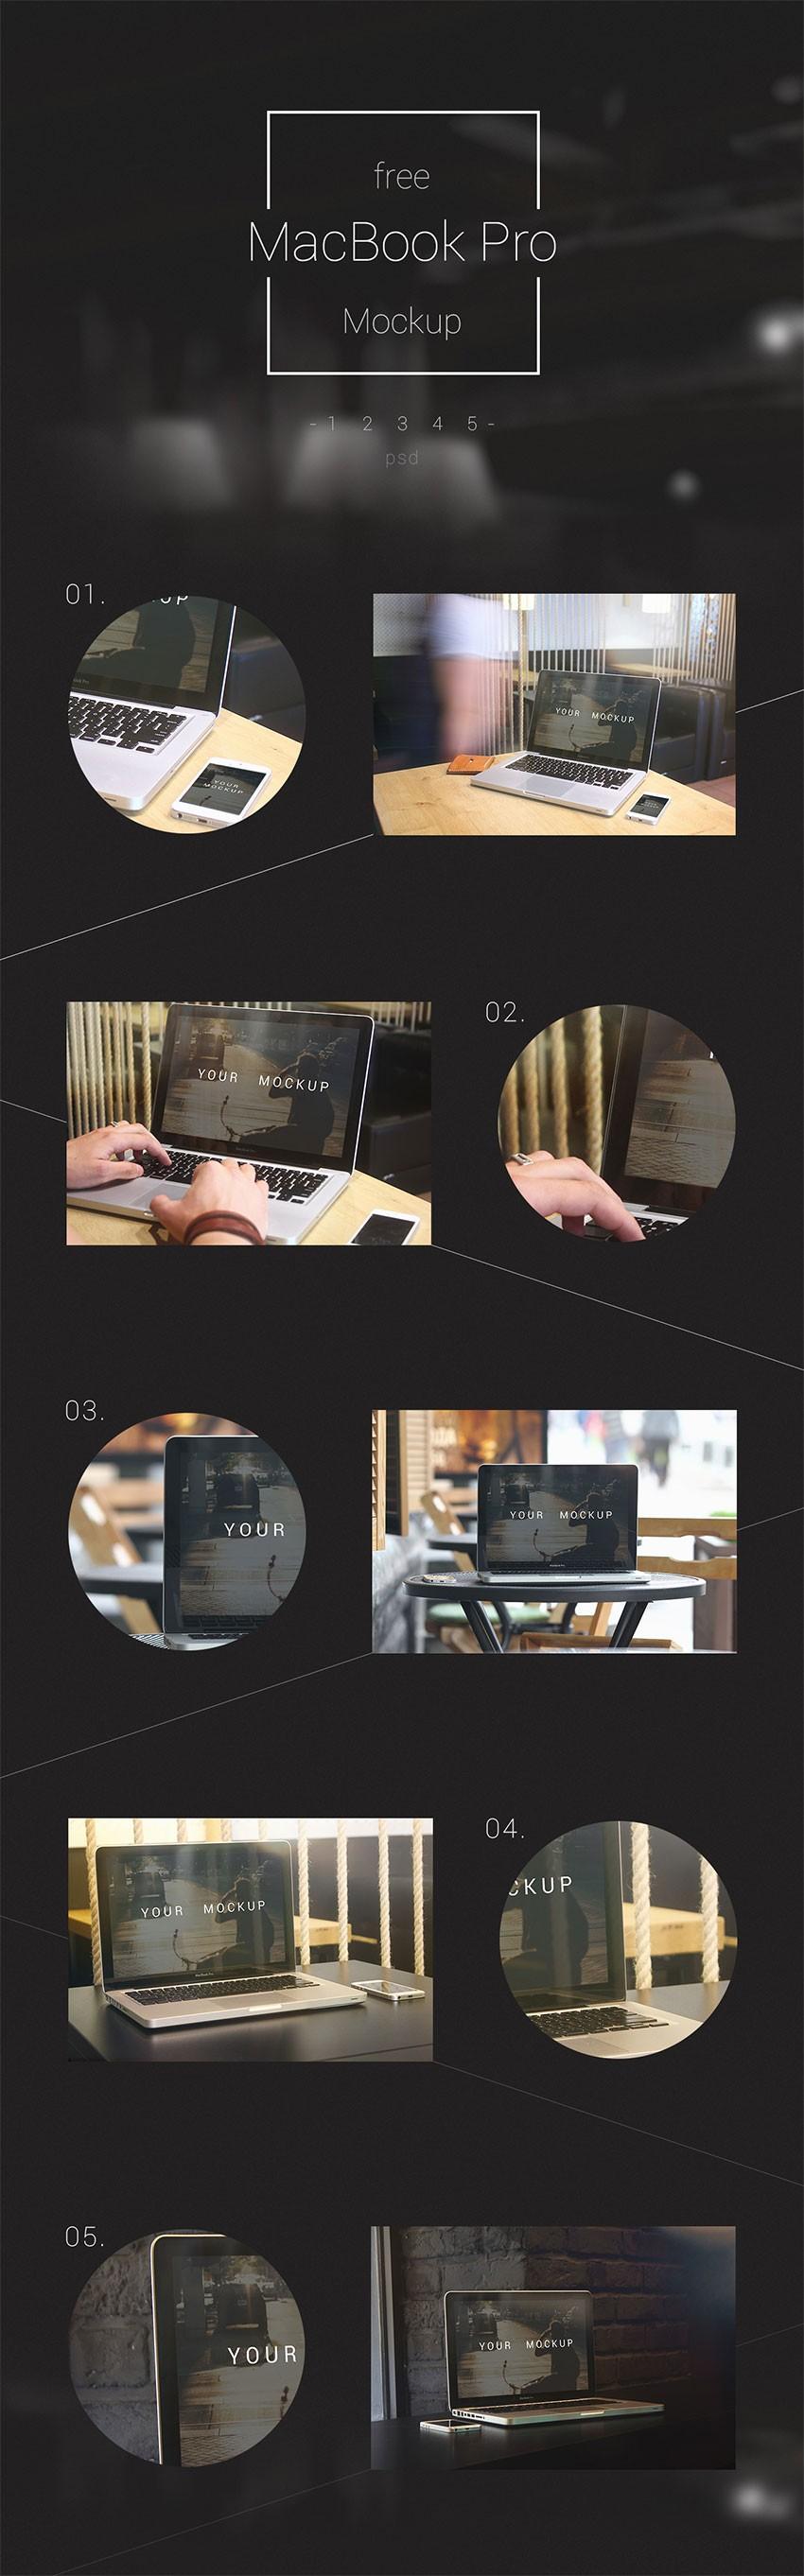 5 mockups macbook pro